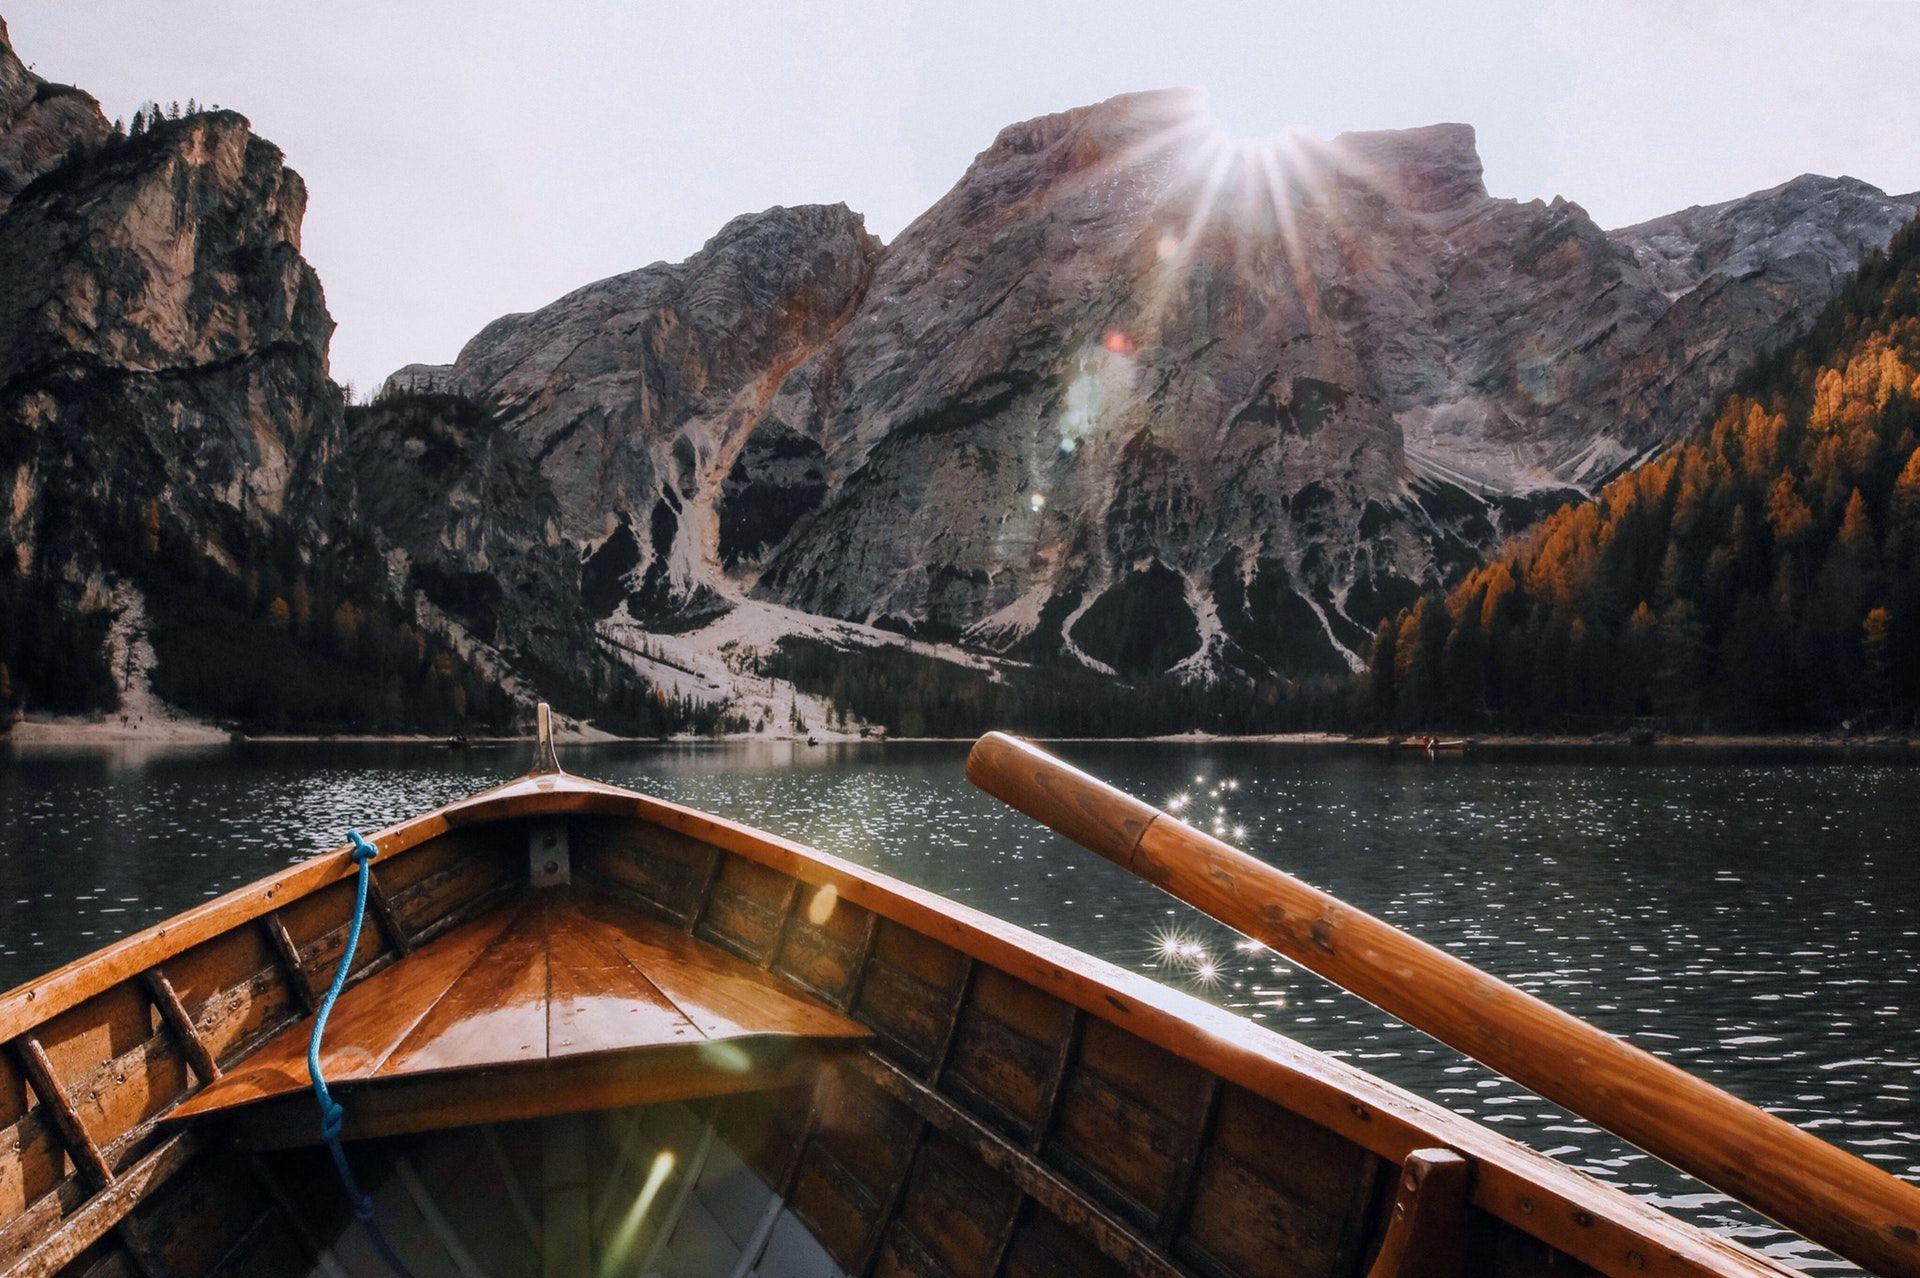 عکس زمینه سوار قایق چوبی پس زمینه